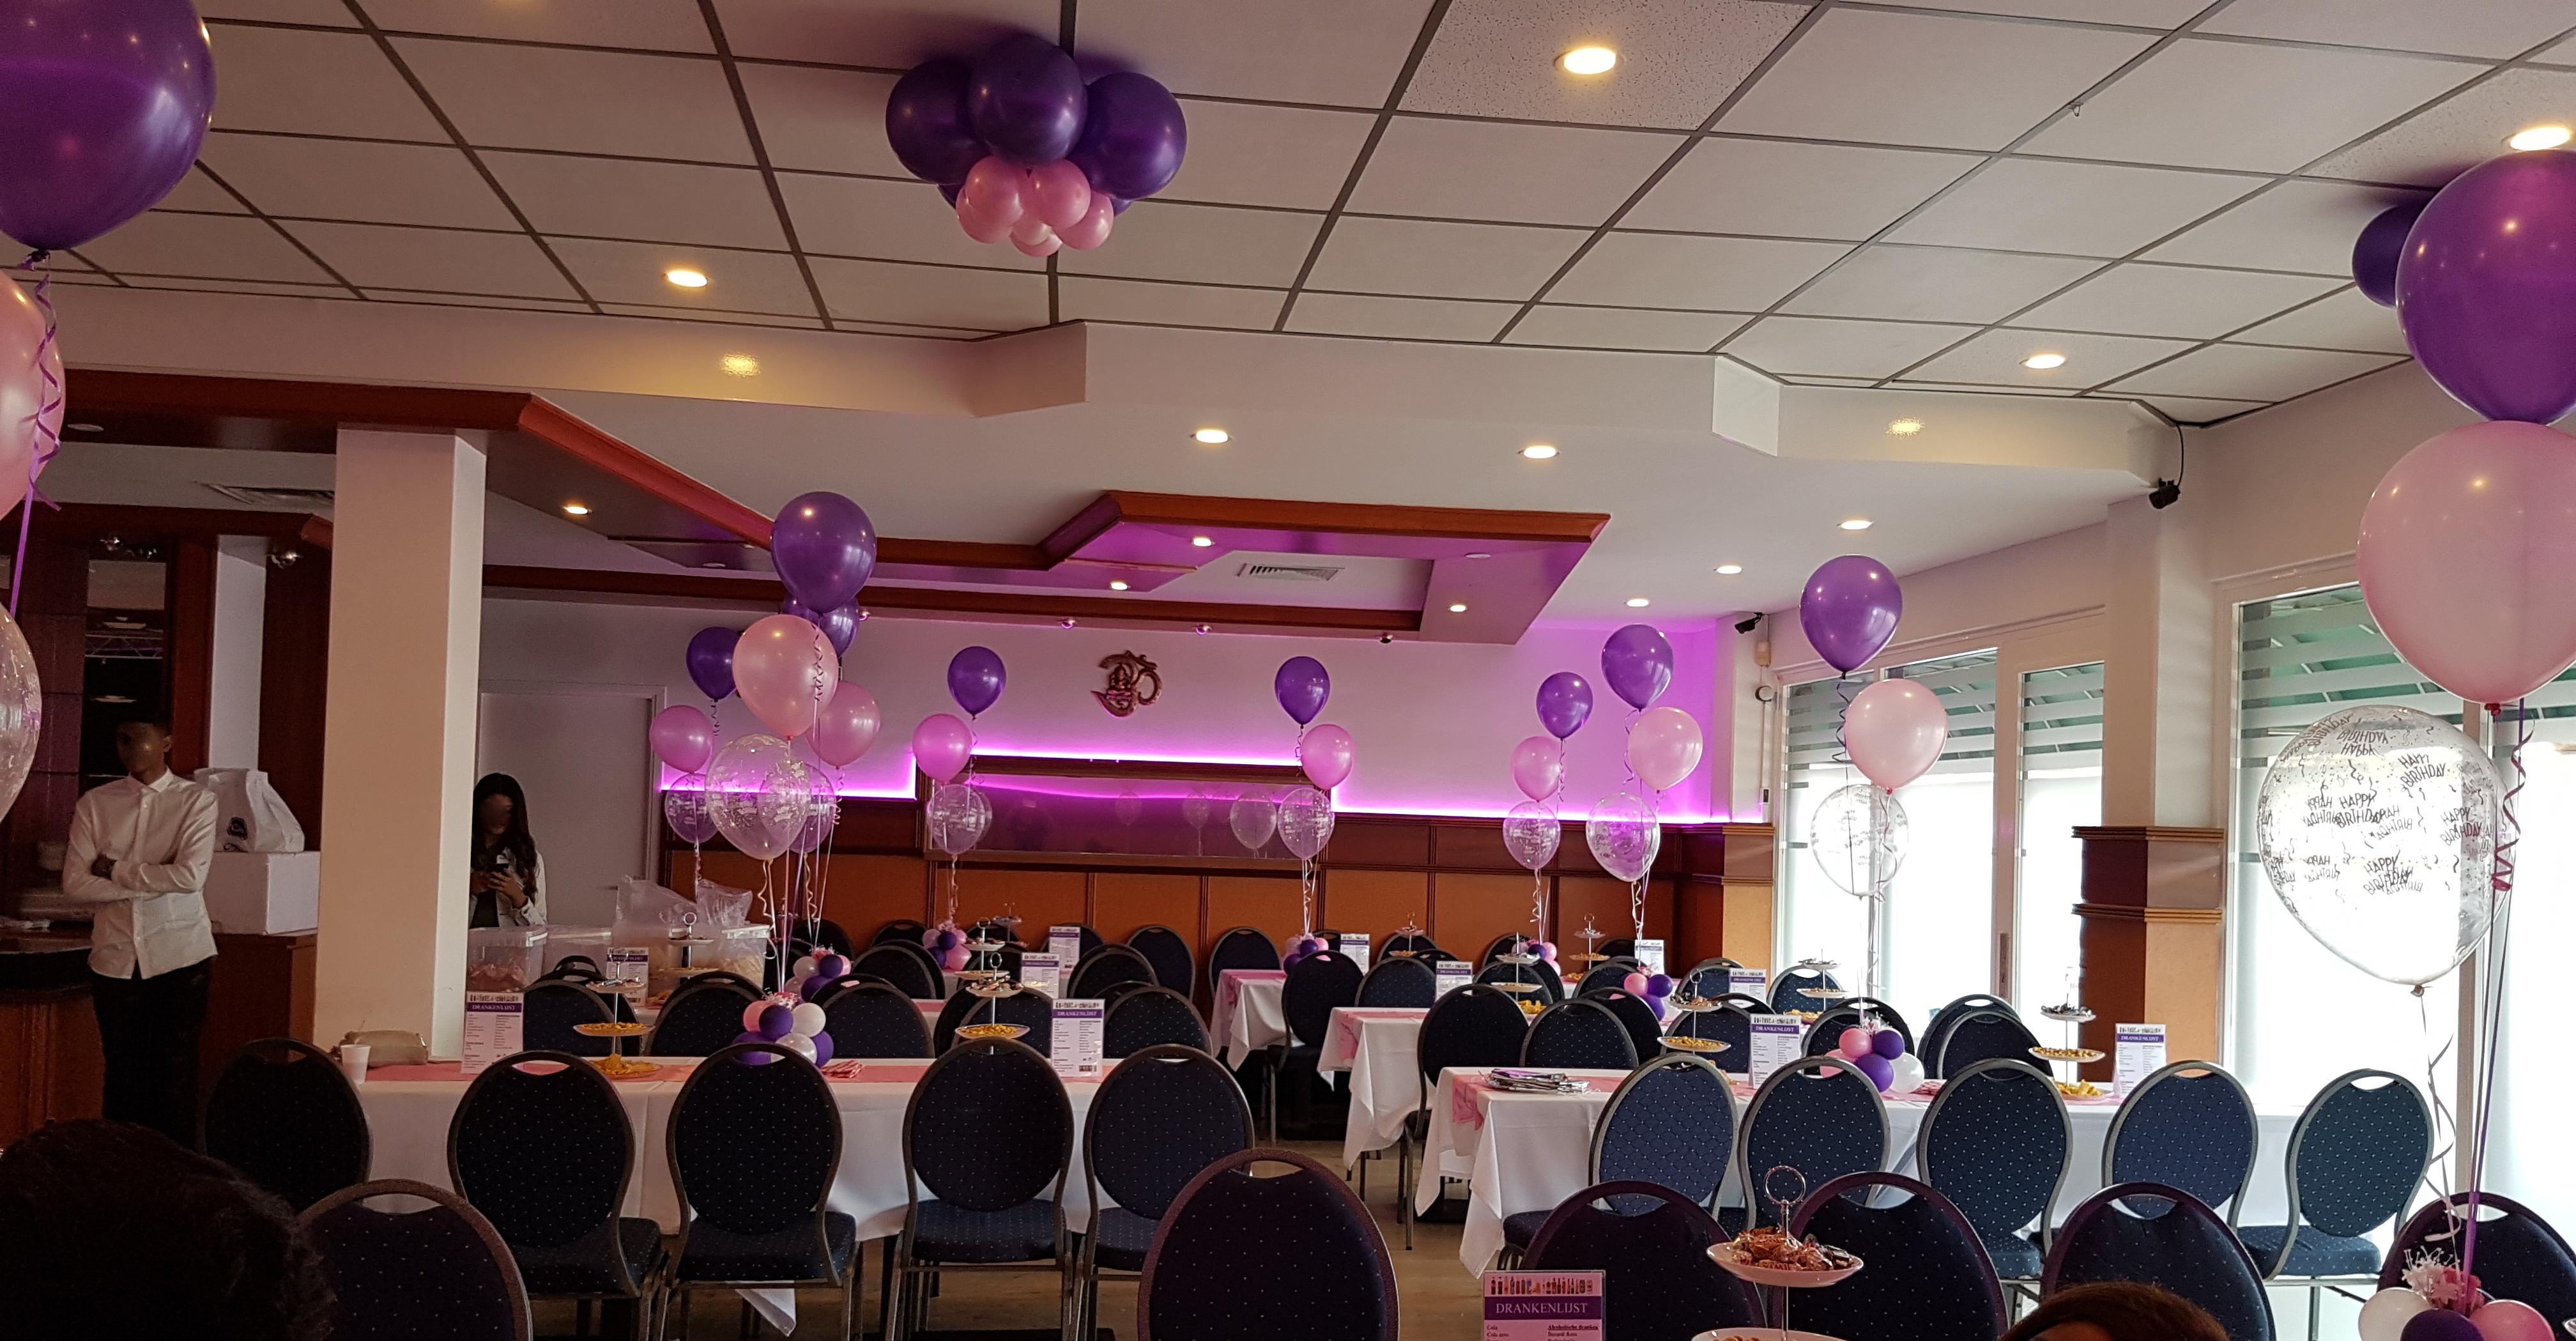 Heliumballonnen ballontrossen gronddecoratie vloerdecoratie tafeldecoratie bloemballon verjaardag Balloon Styling Tilburg